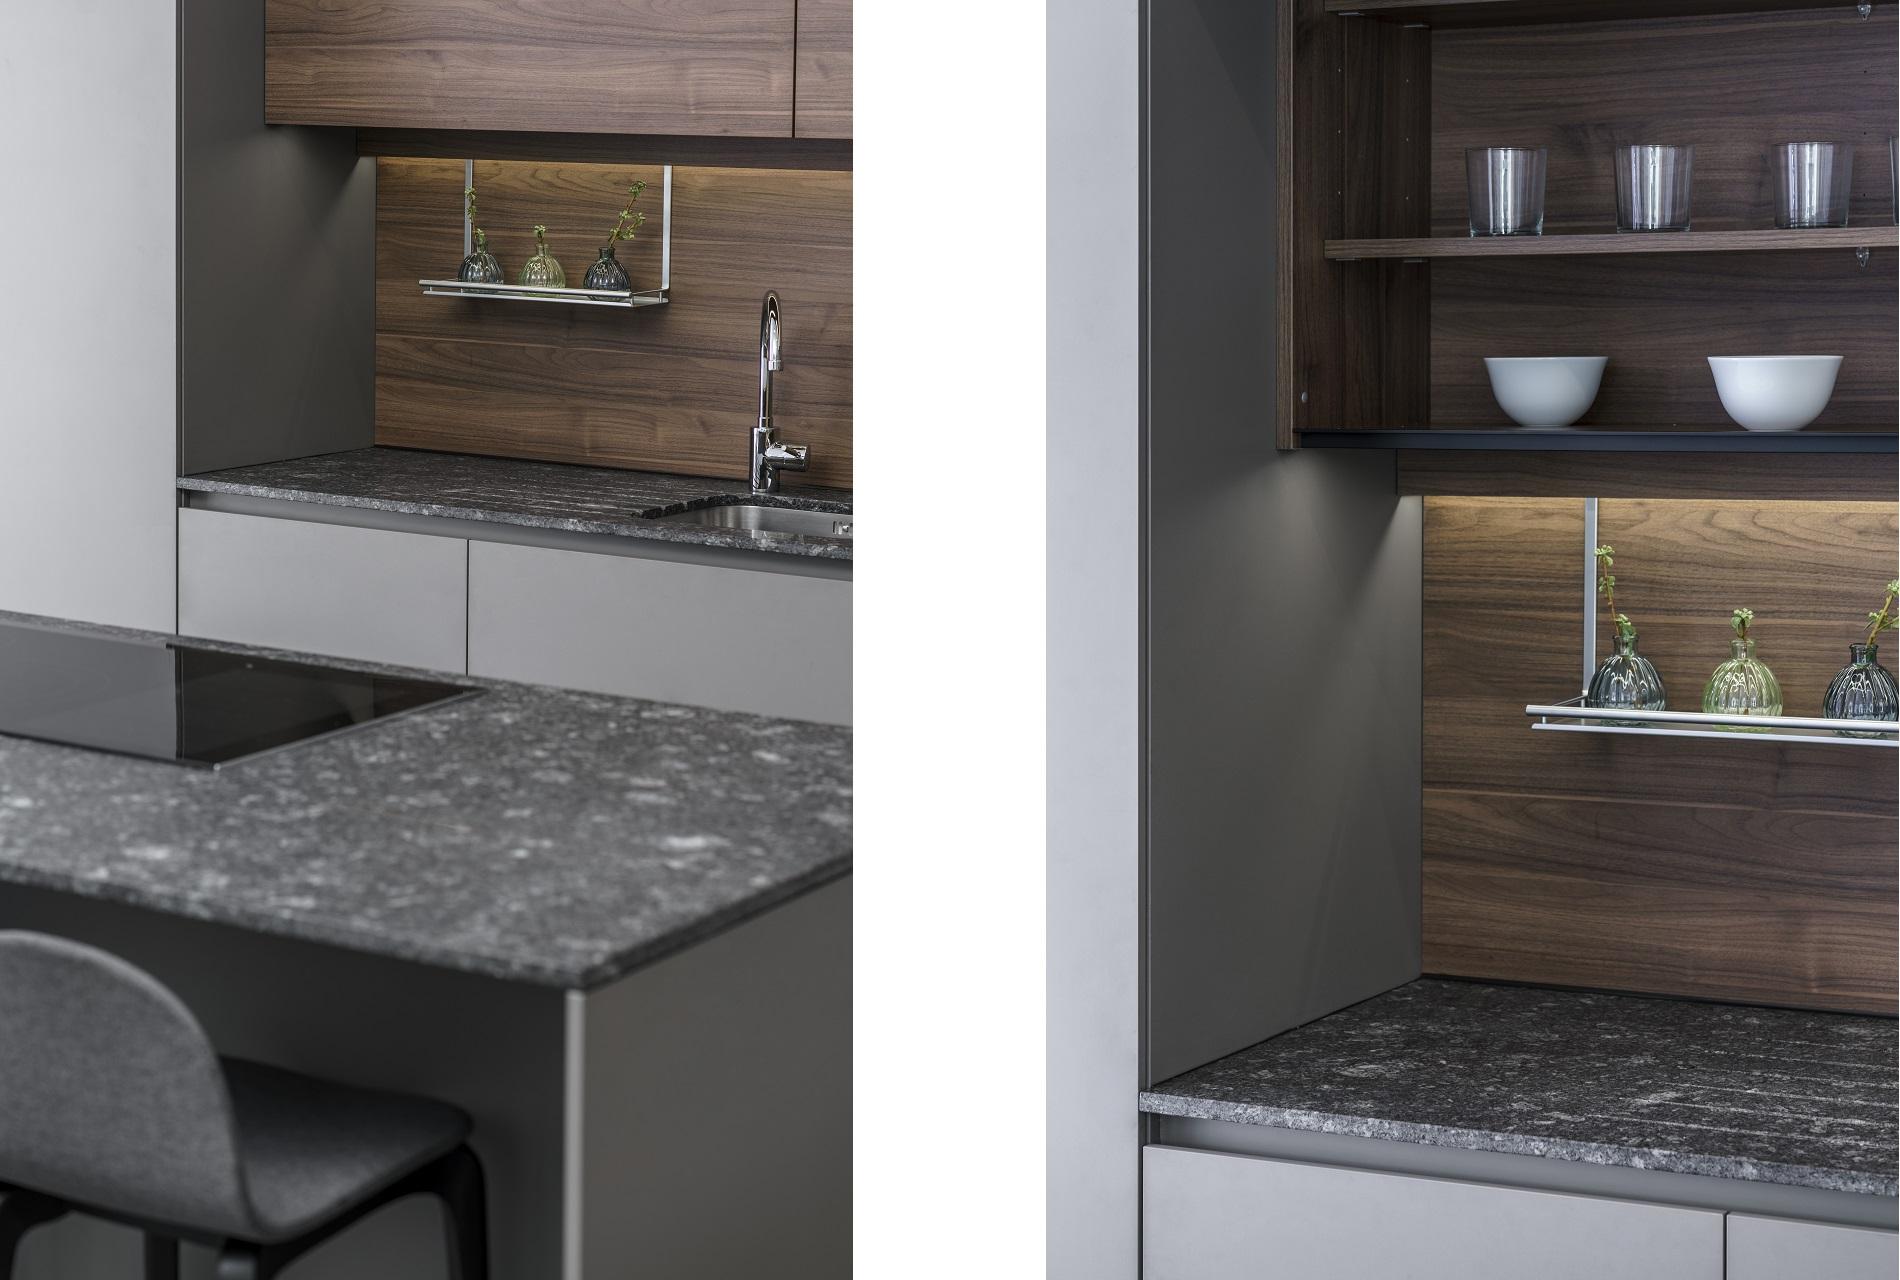 Image cocina-line-e-outlet-santiago-interiores